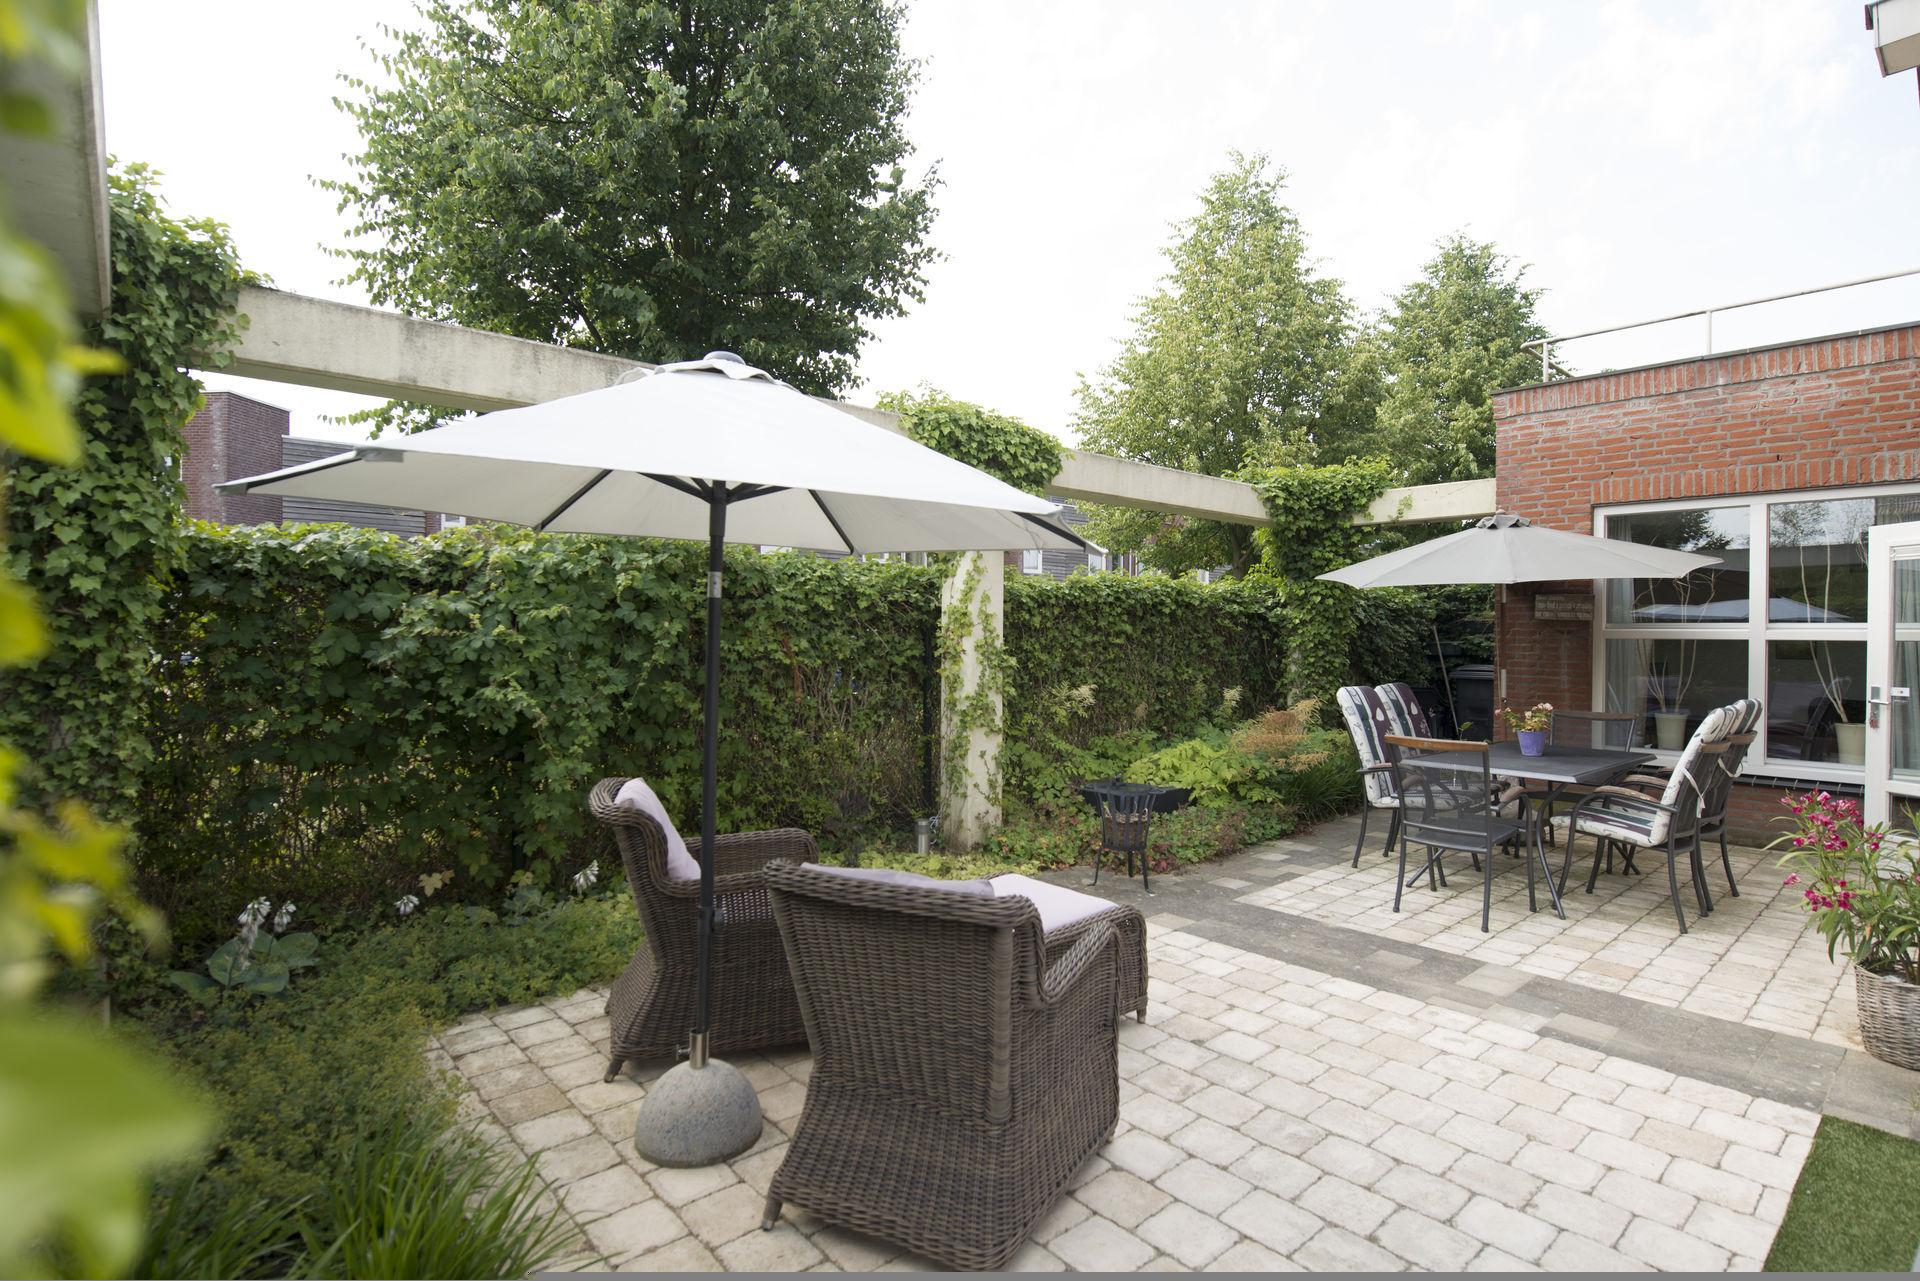 Onderhoudsvriendelijke Tuin Aanleggen : Oprit maakt plaats voor onderhoudsvriendelijke tuin